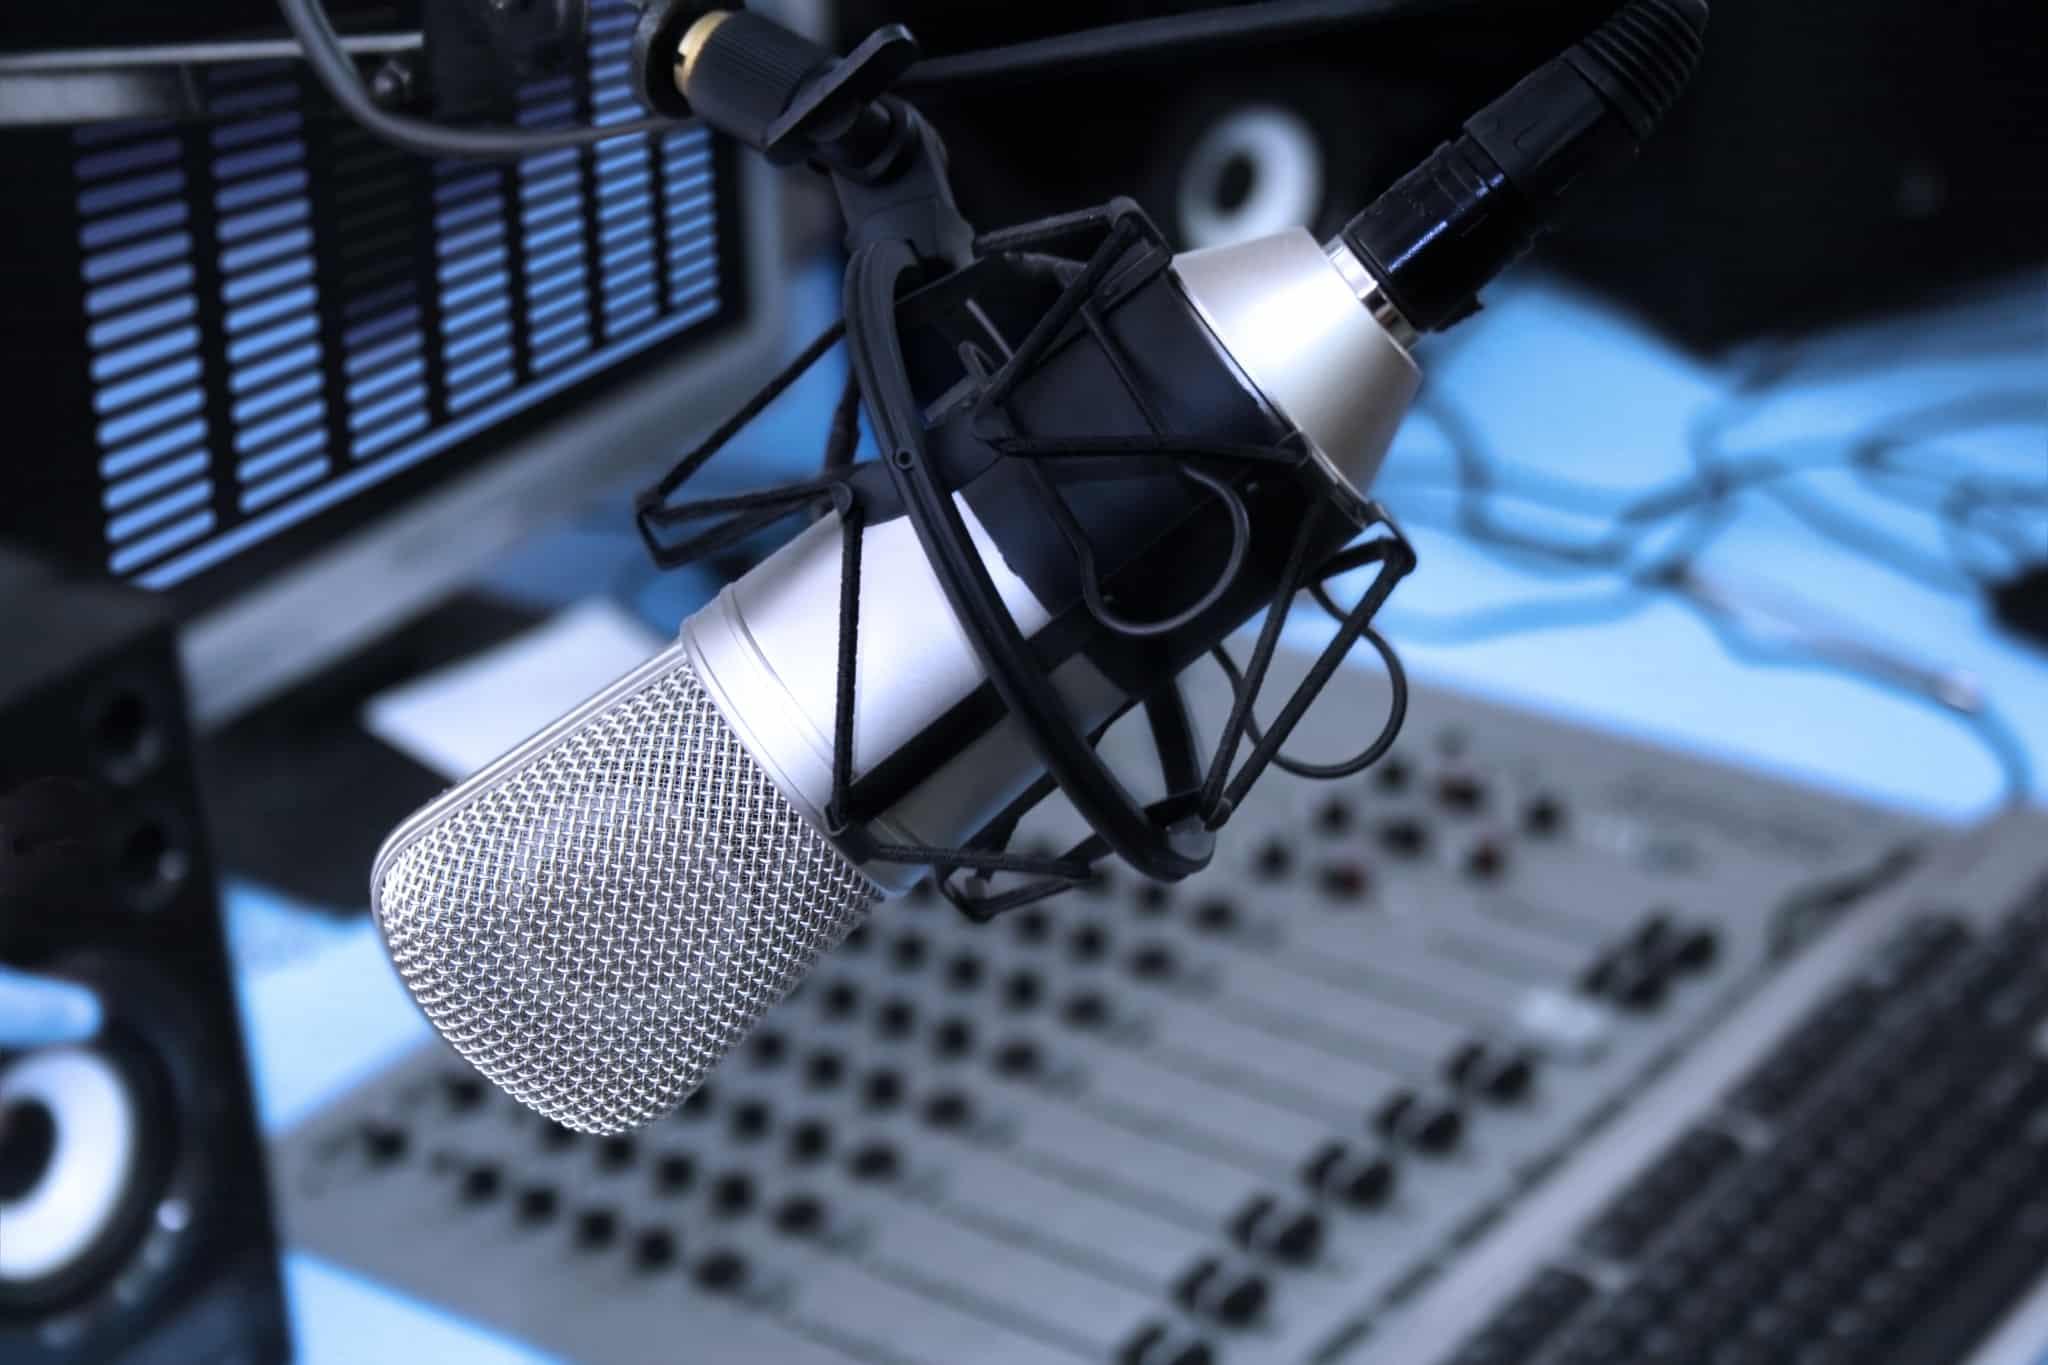 радио день скачать музыку